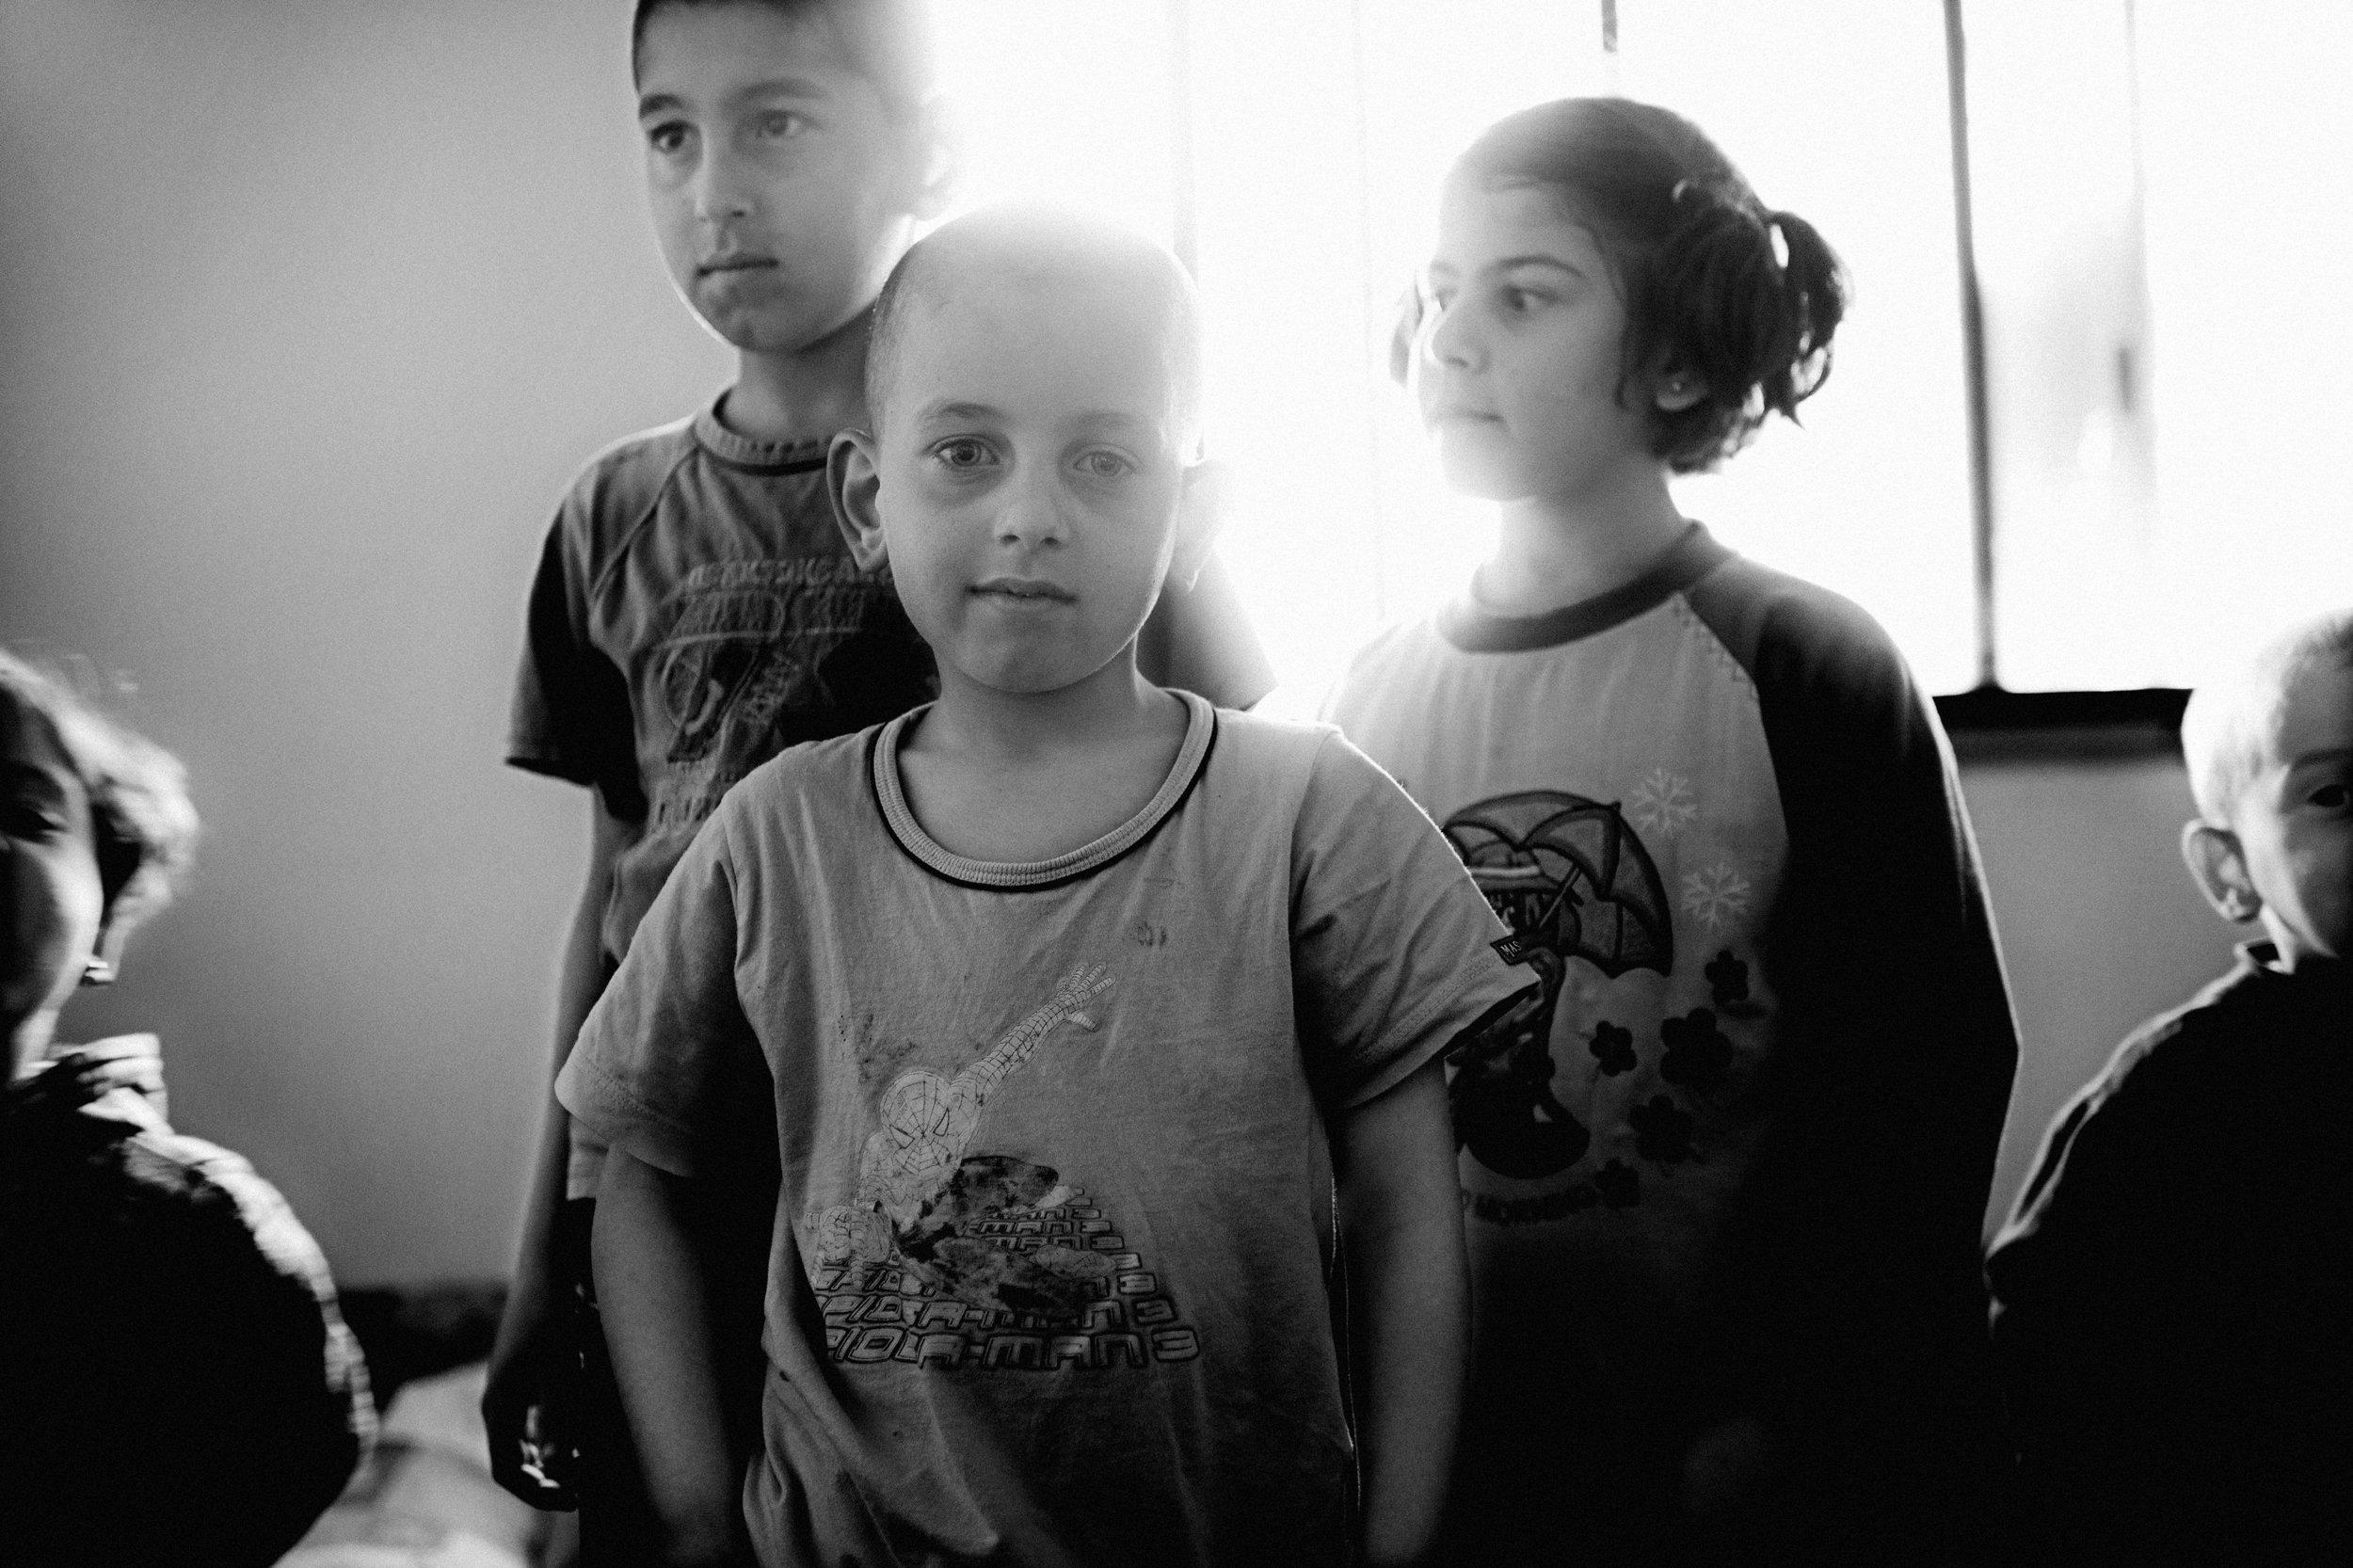 syria_bw_09.jpg